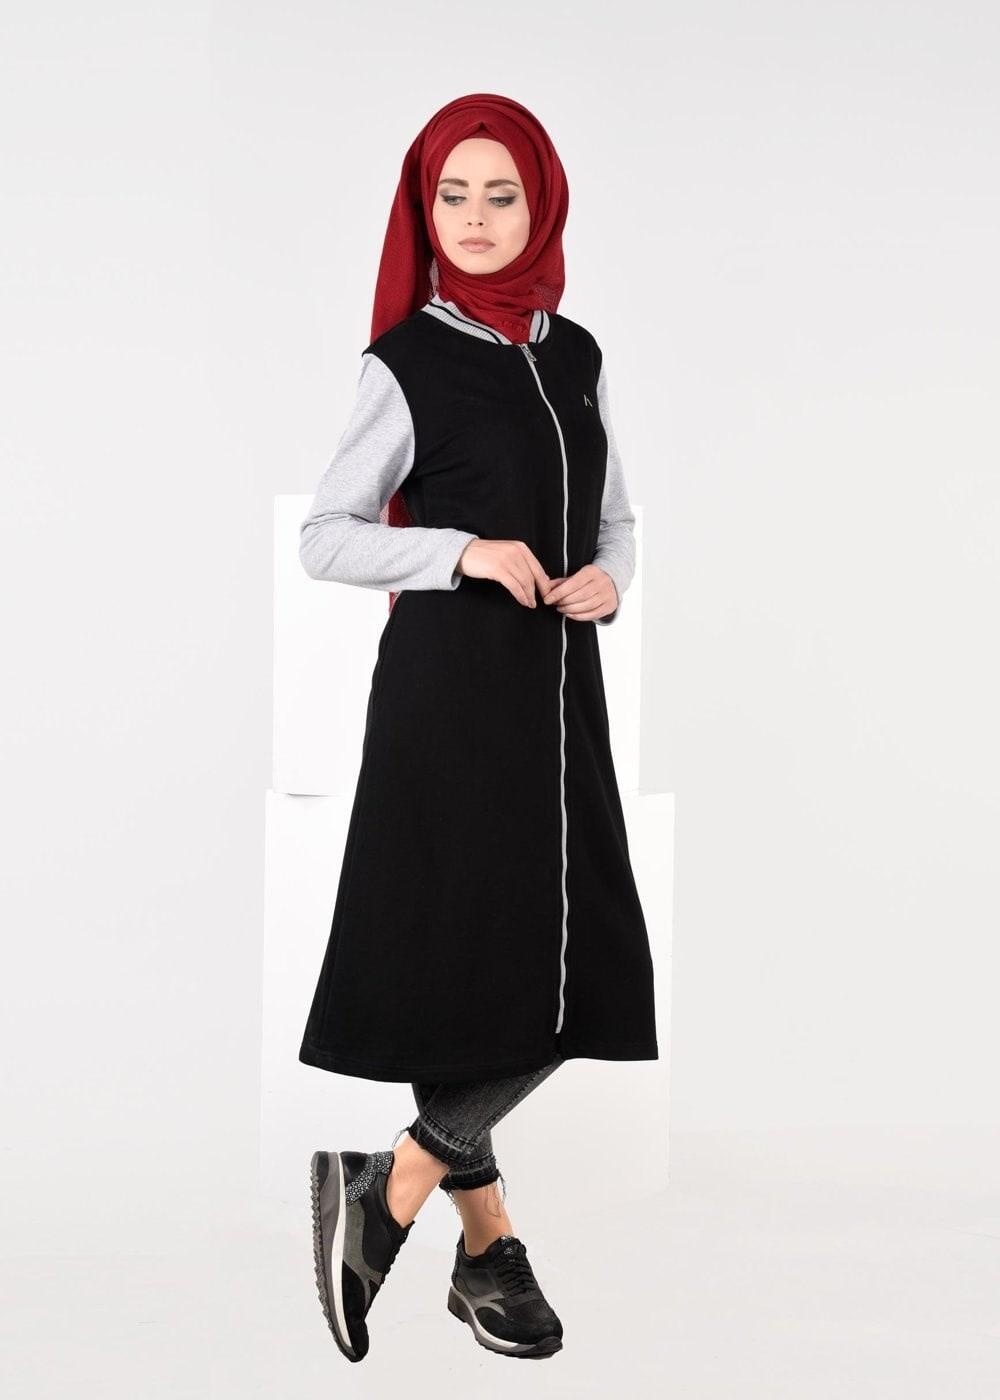 Bayan SİYAH FERMUARLI EŞOFMAN TUNİK 6609